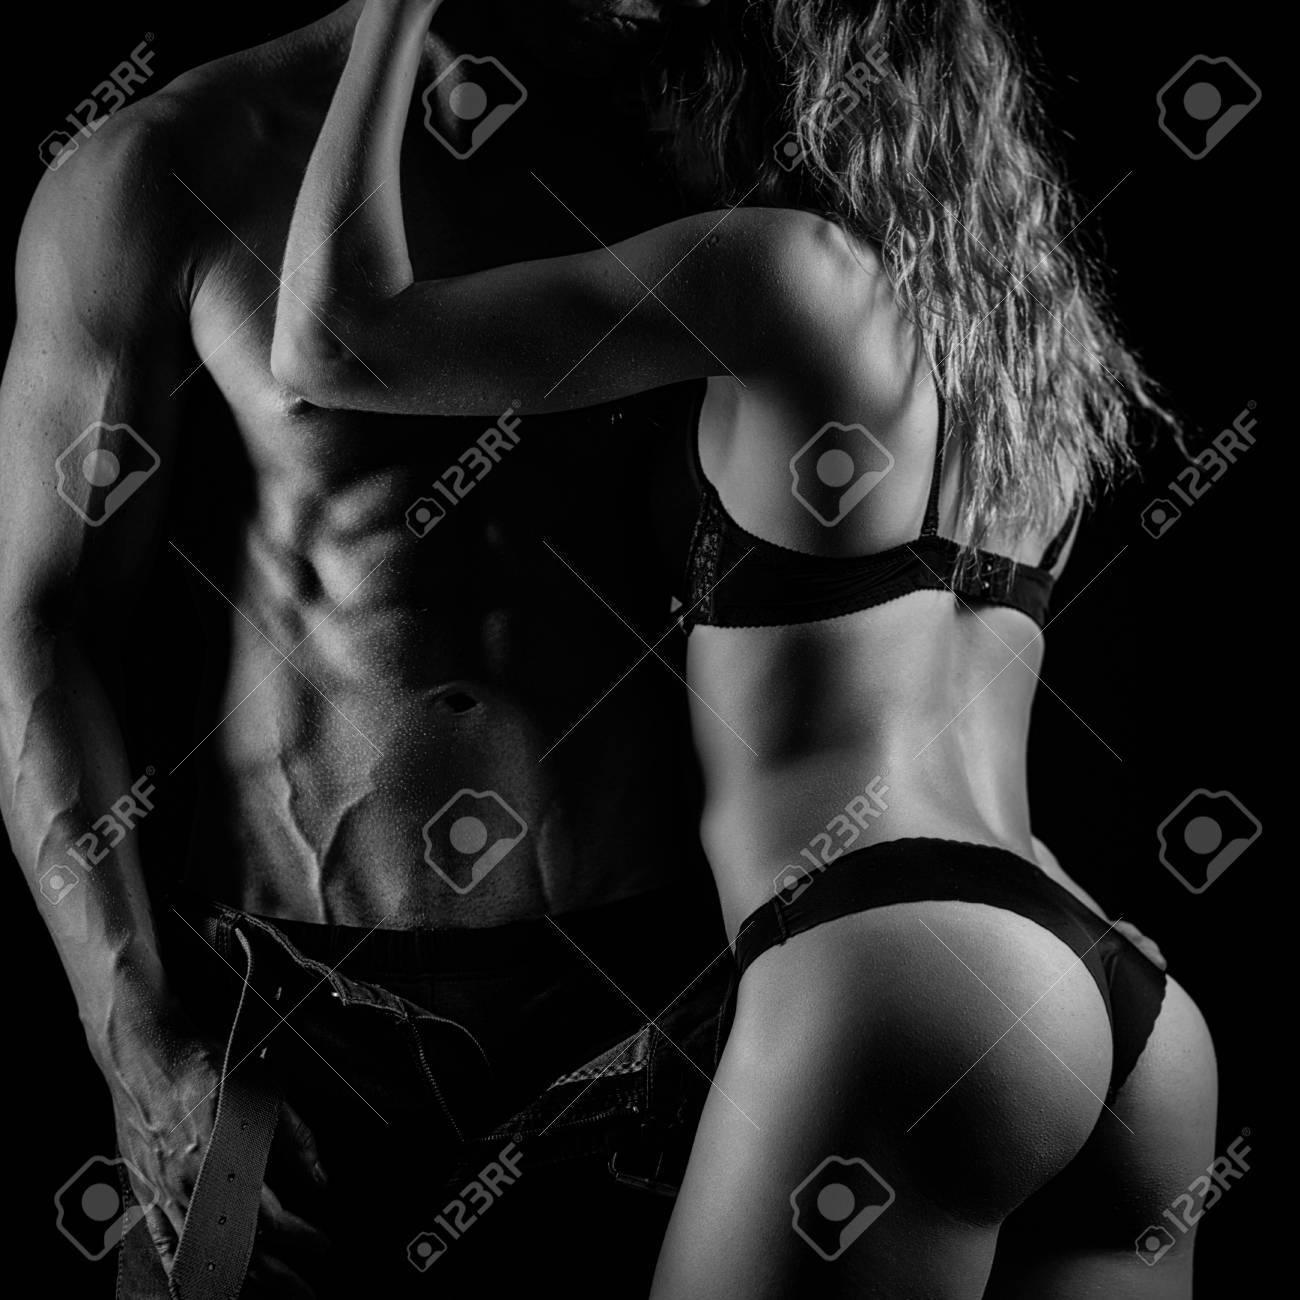 Photo Artistique D Un Couple De Fitness Etreindre Noir Et Blanc